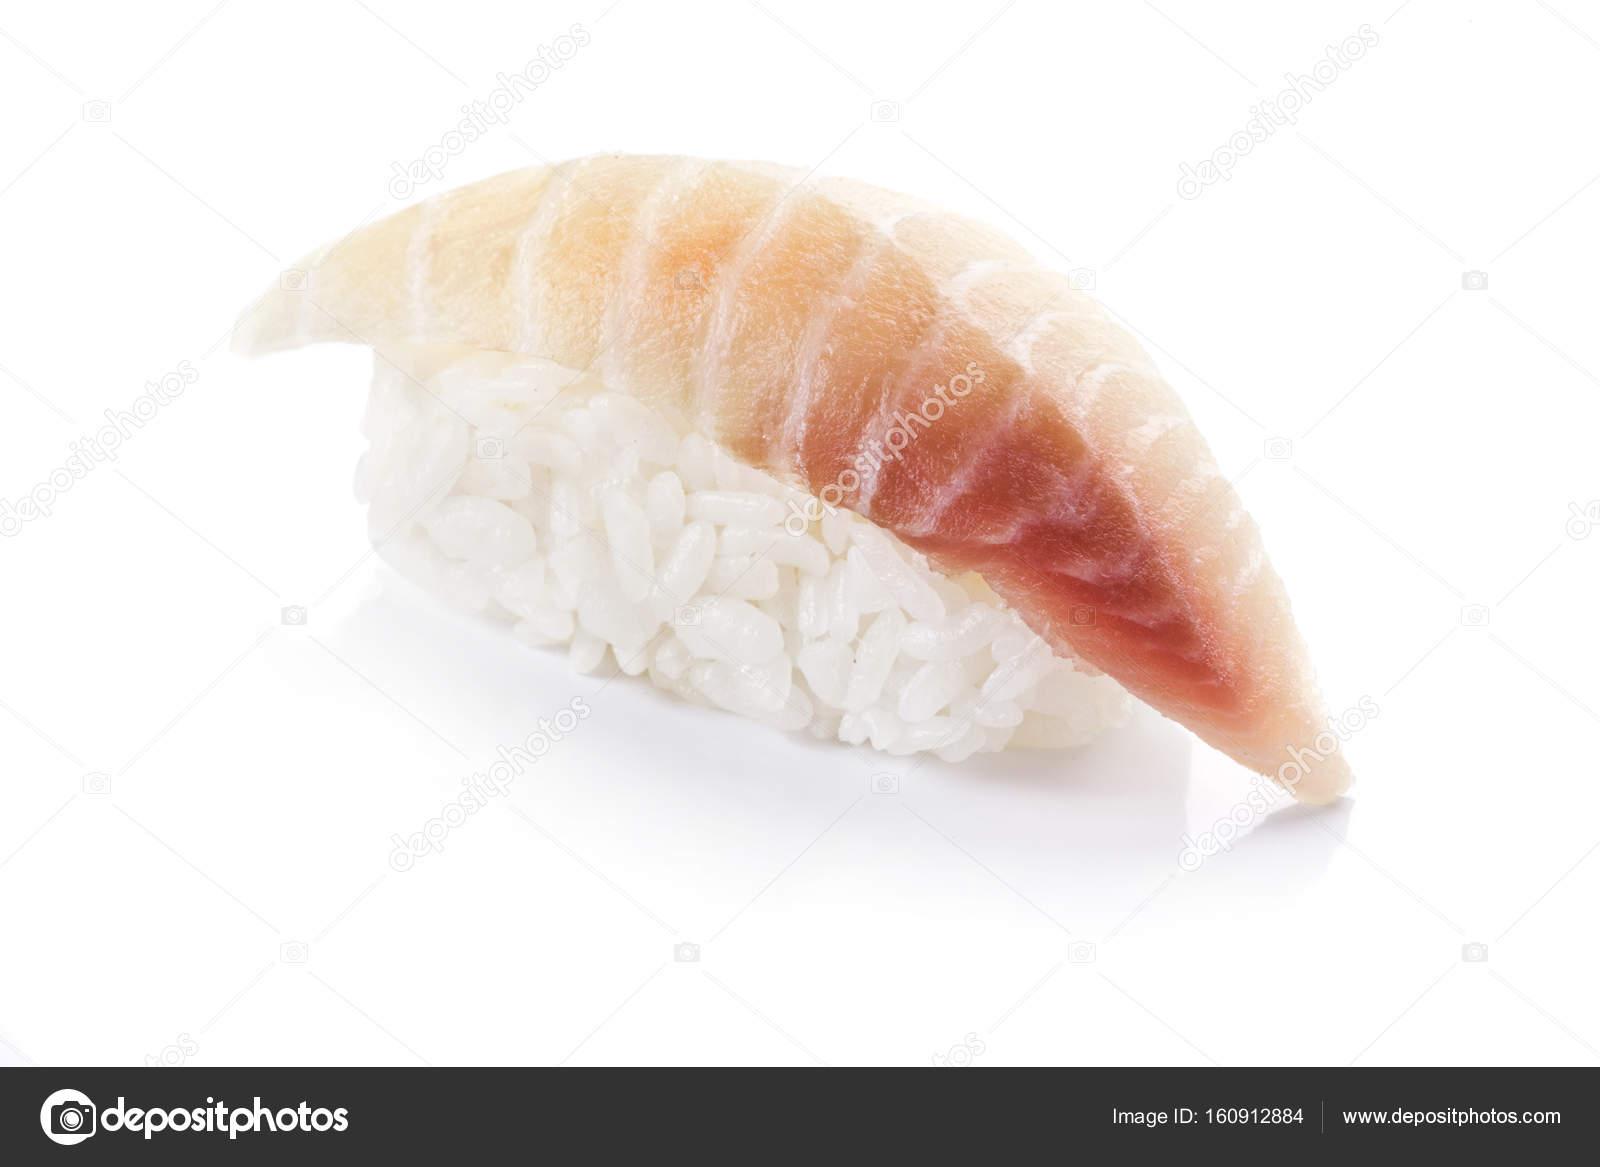 Pictures: yellowtail fish | Japanese amberjack (yellowtail